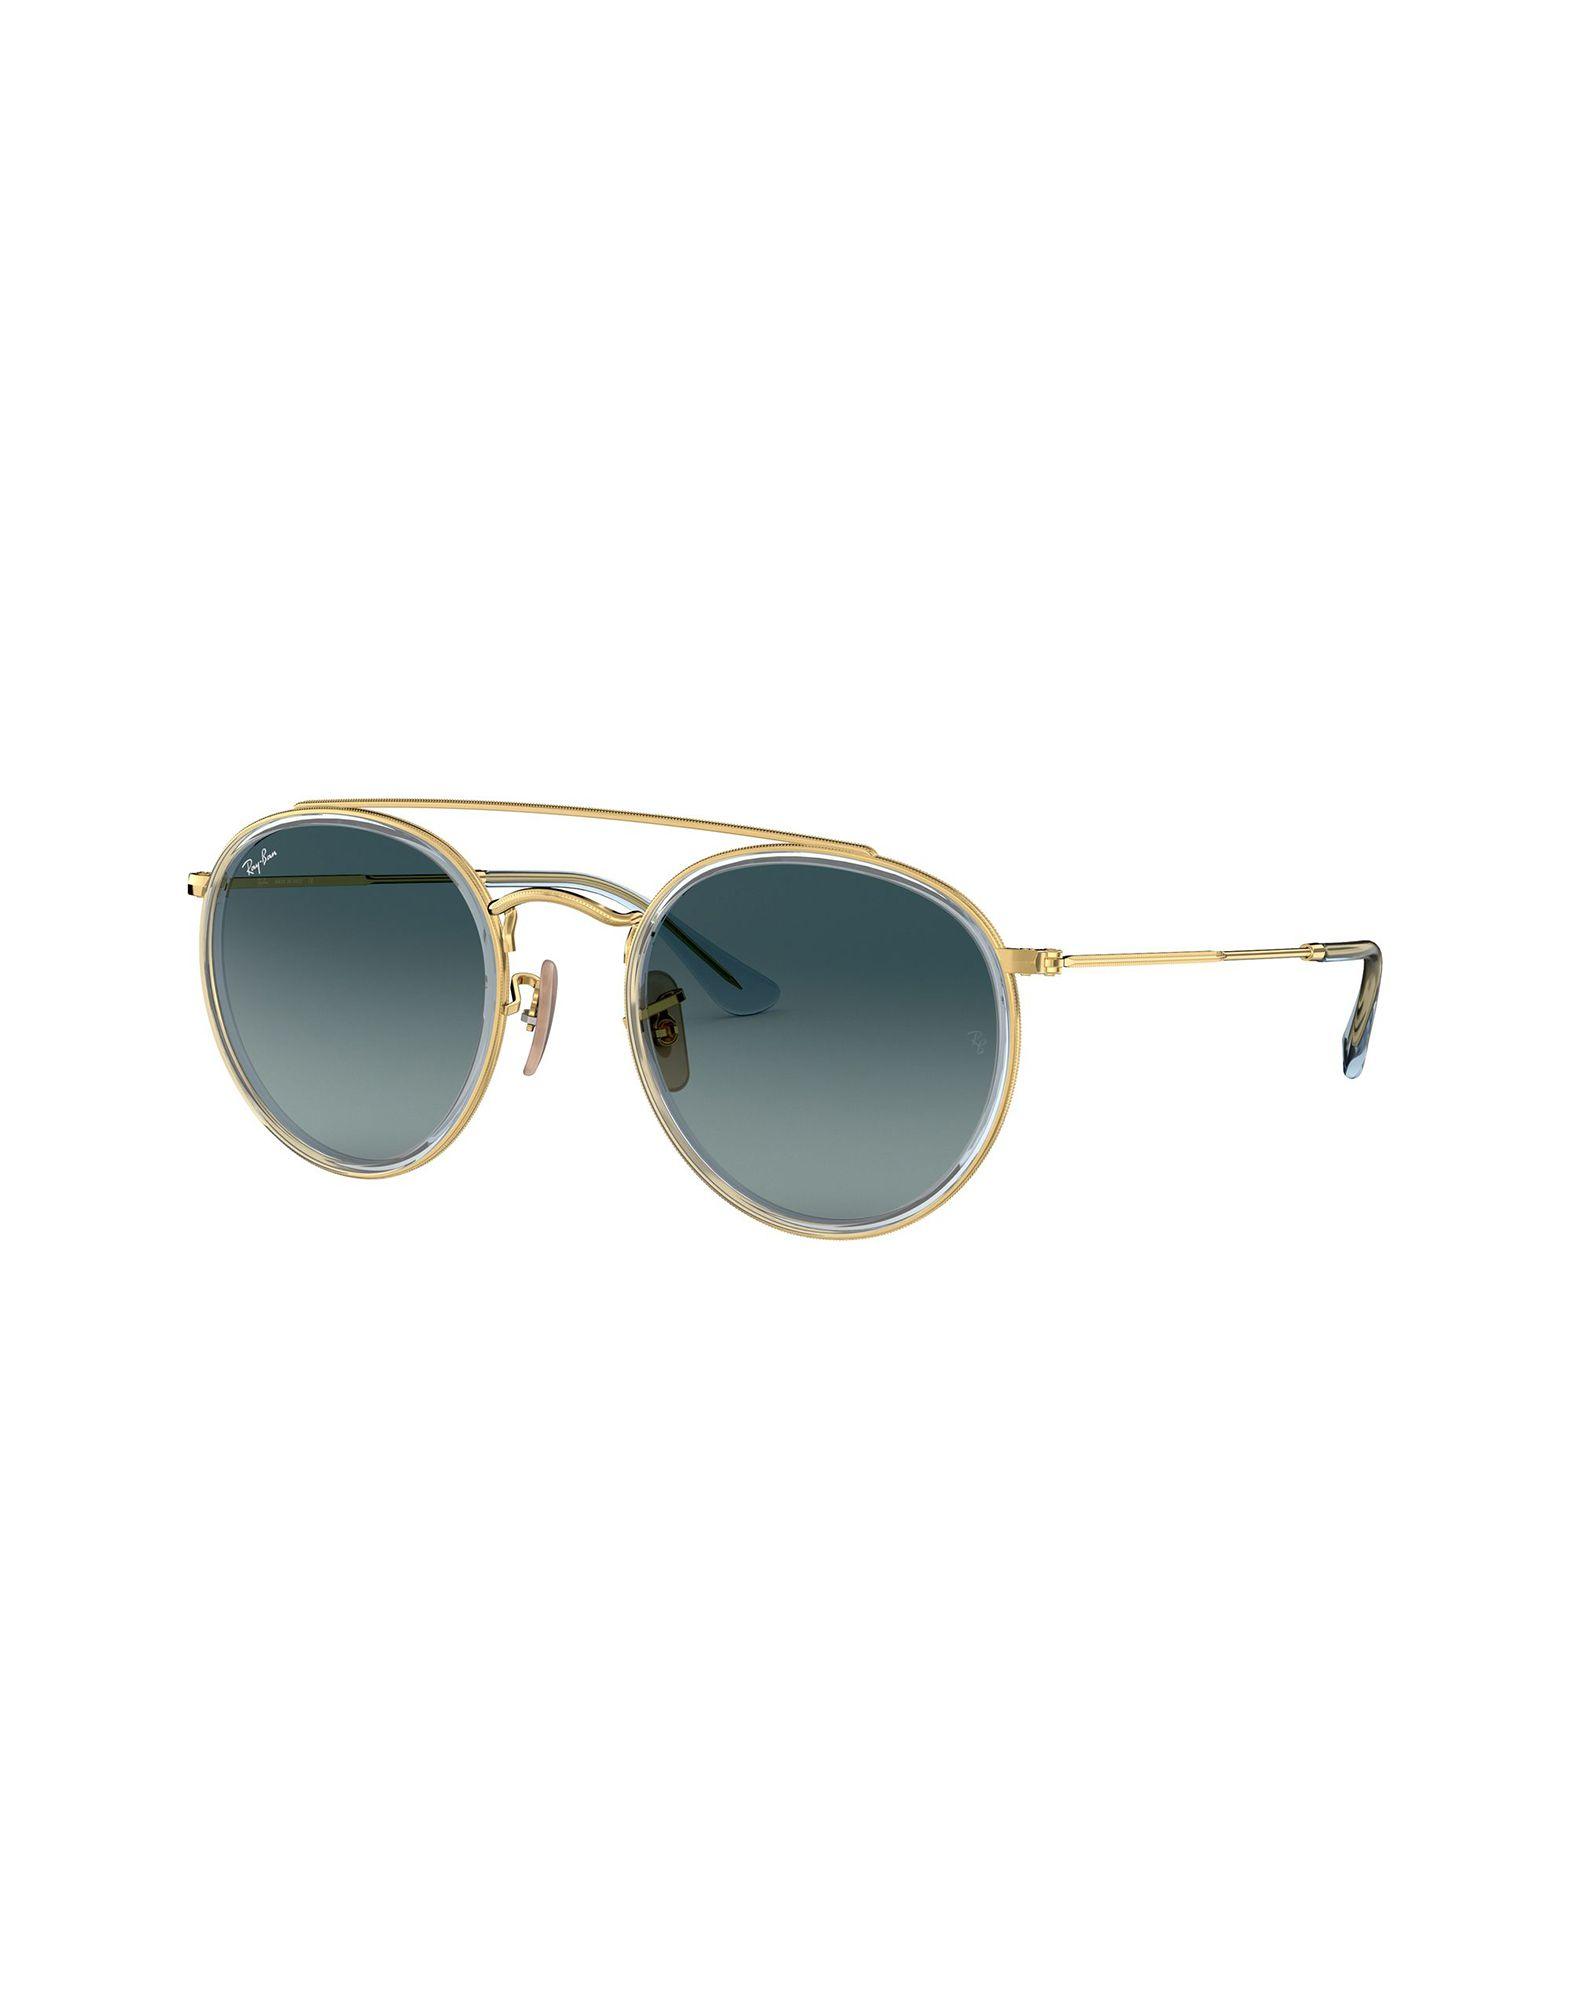 где купить RAY-BAN Солнечные очки дешево